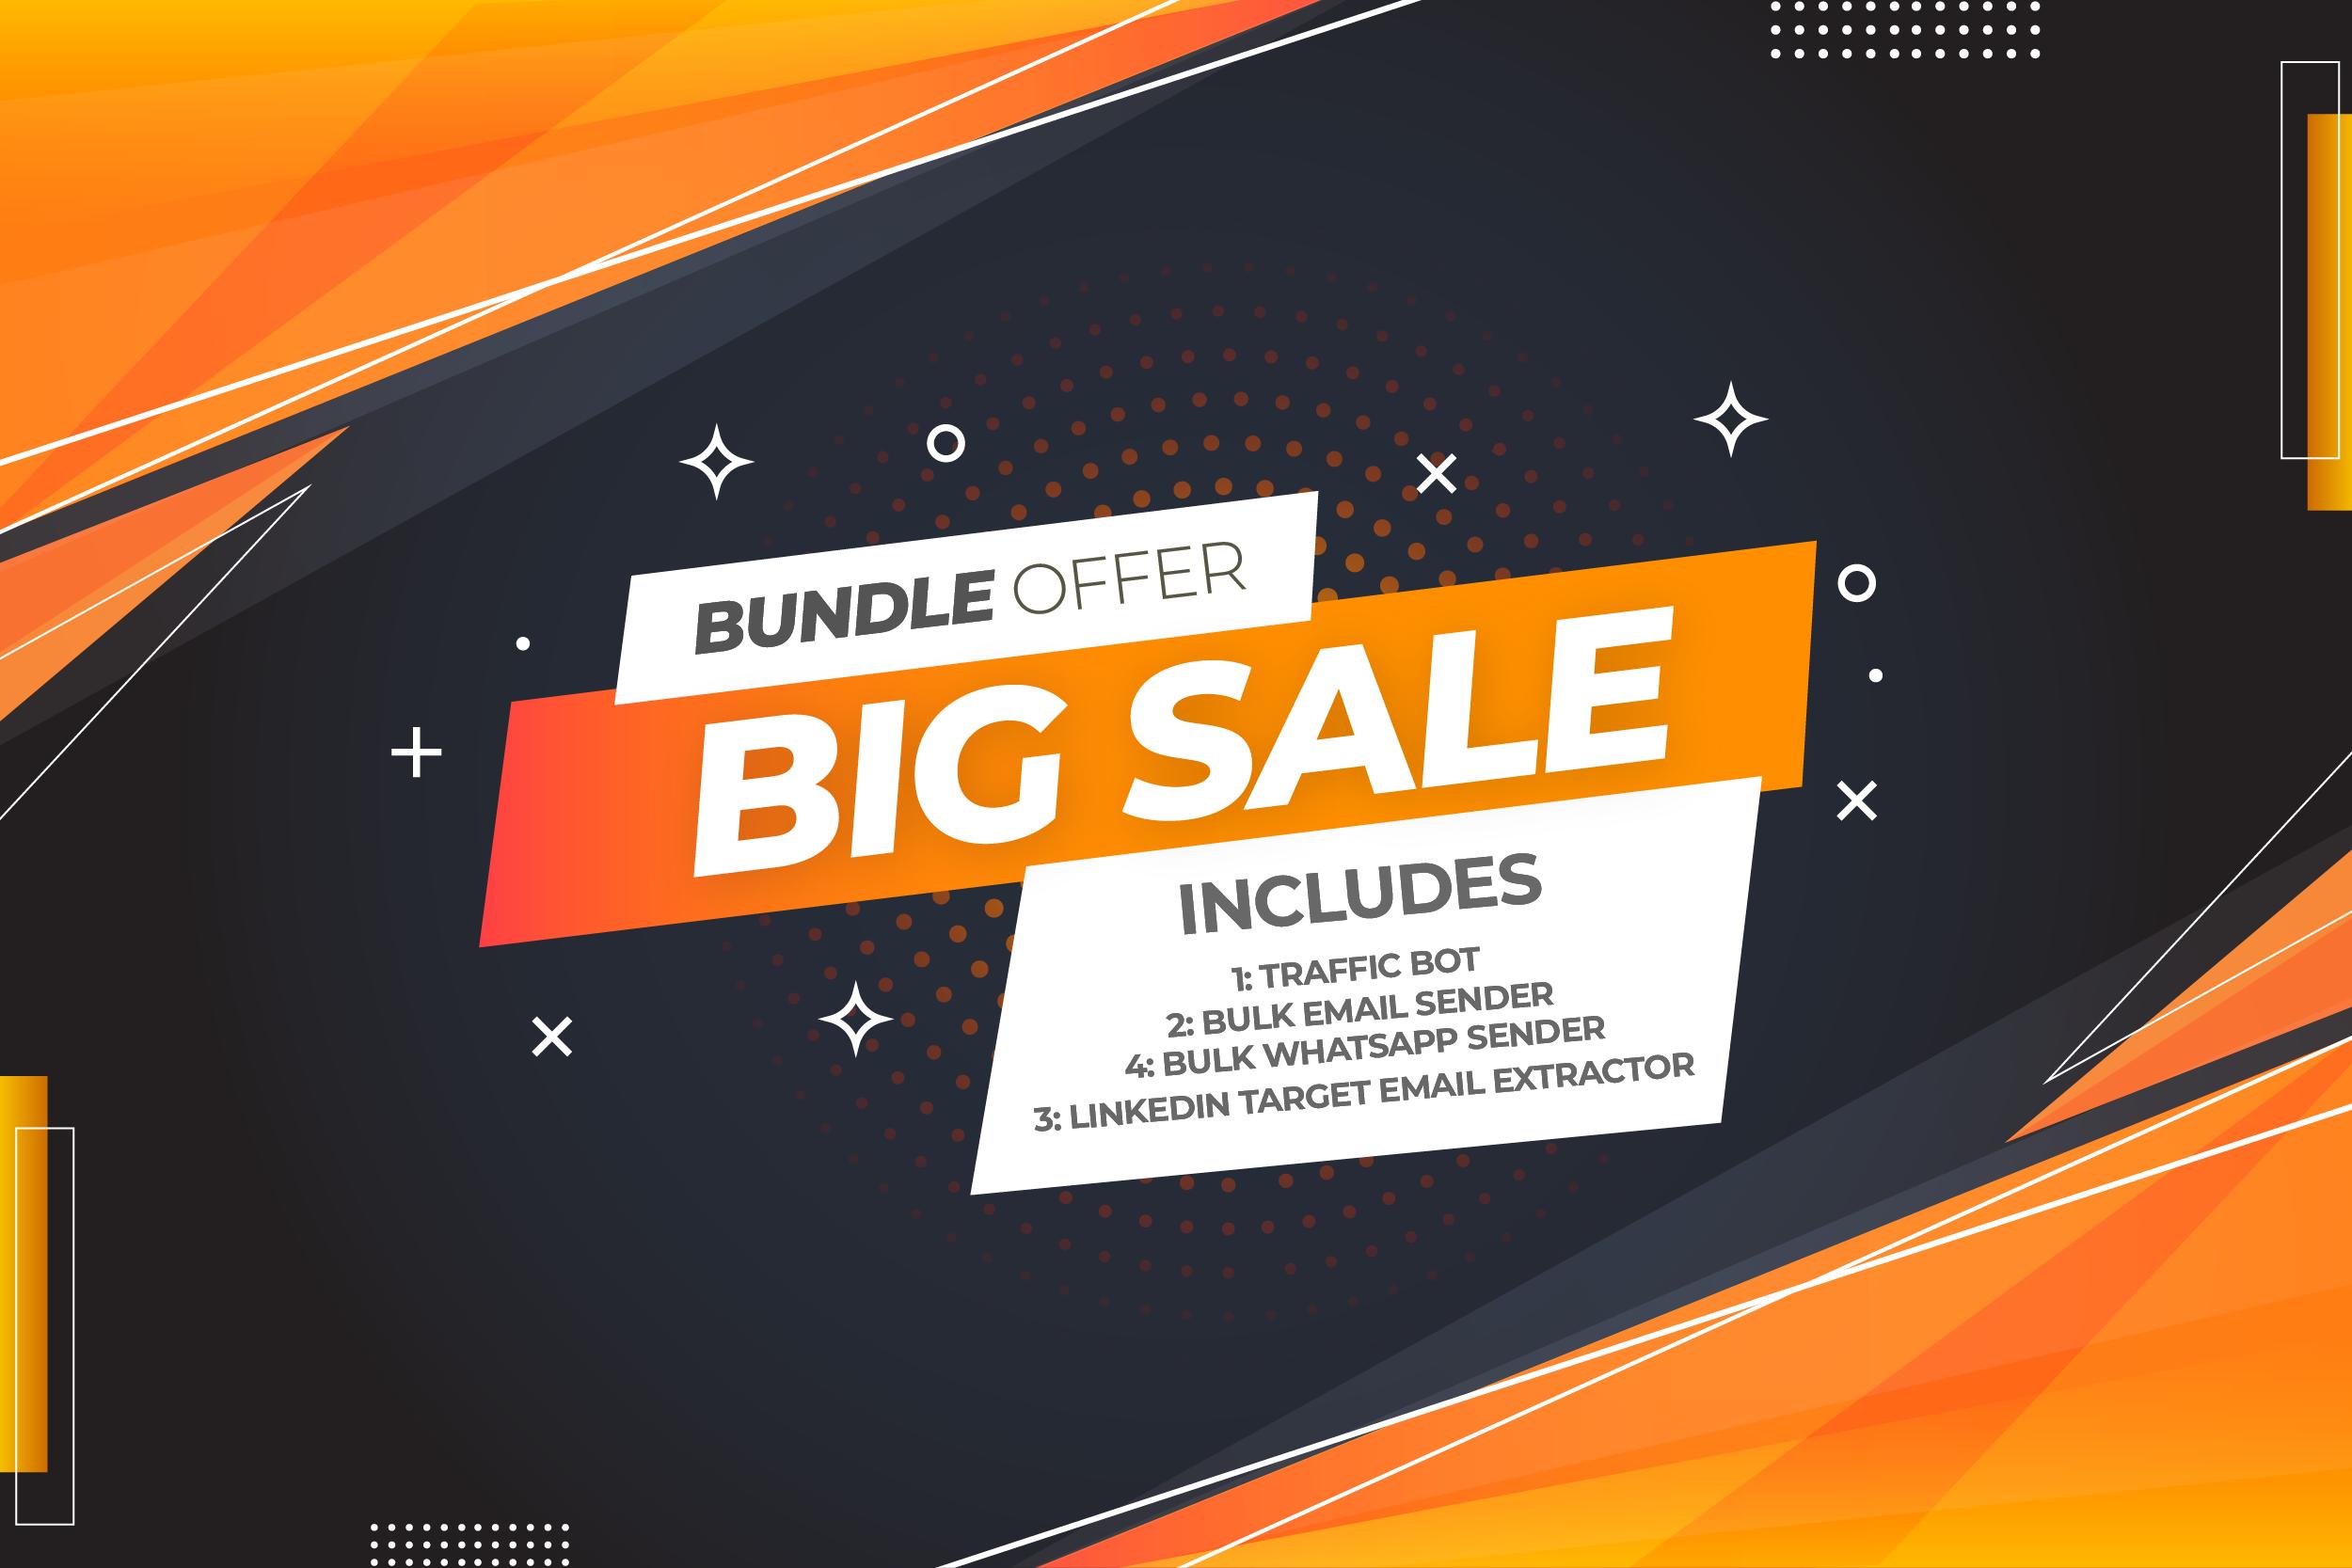 4 Softwares Bundle Offer Limited Time